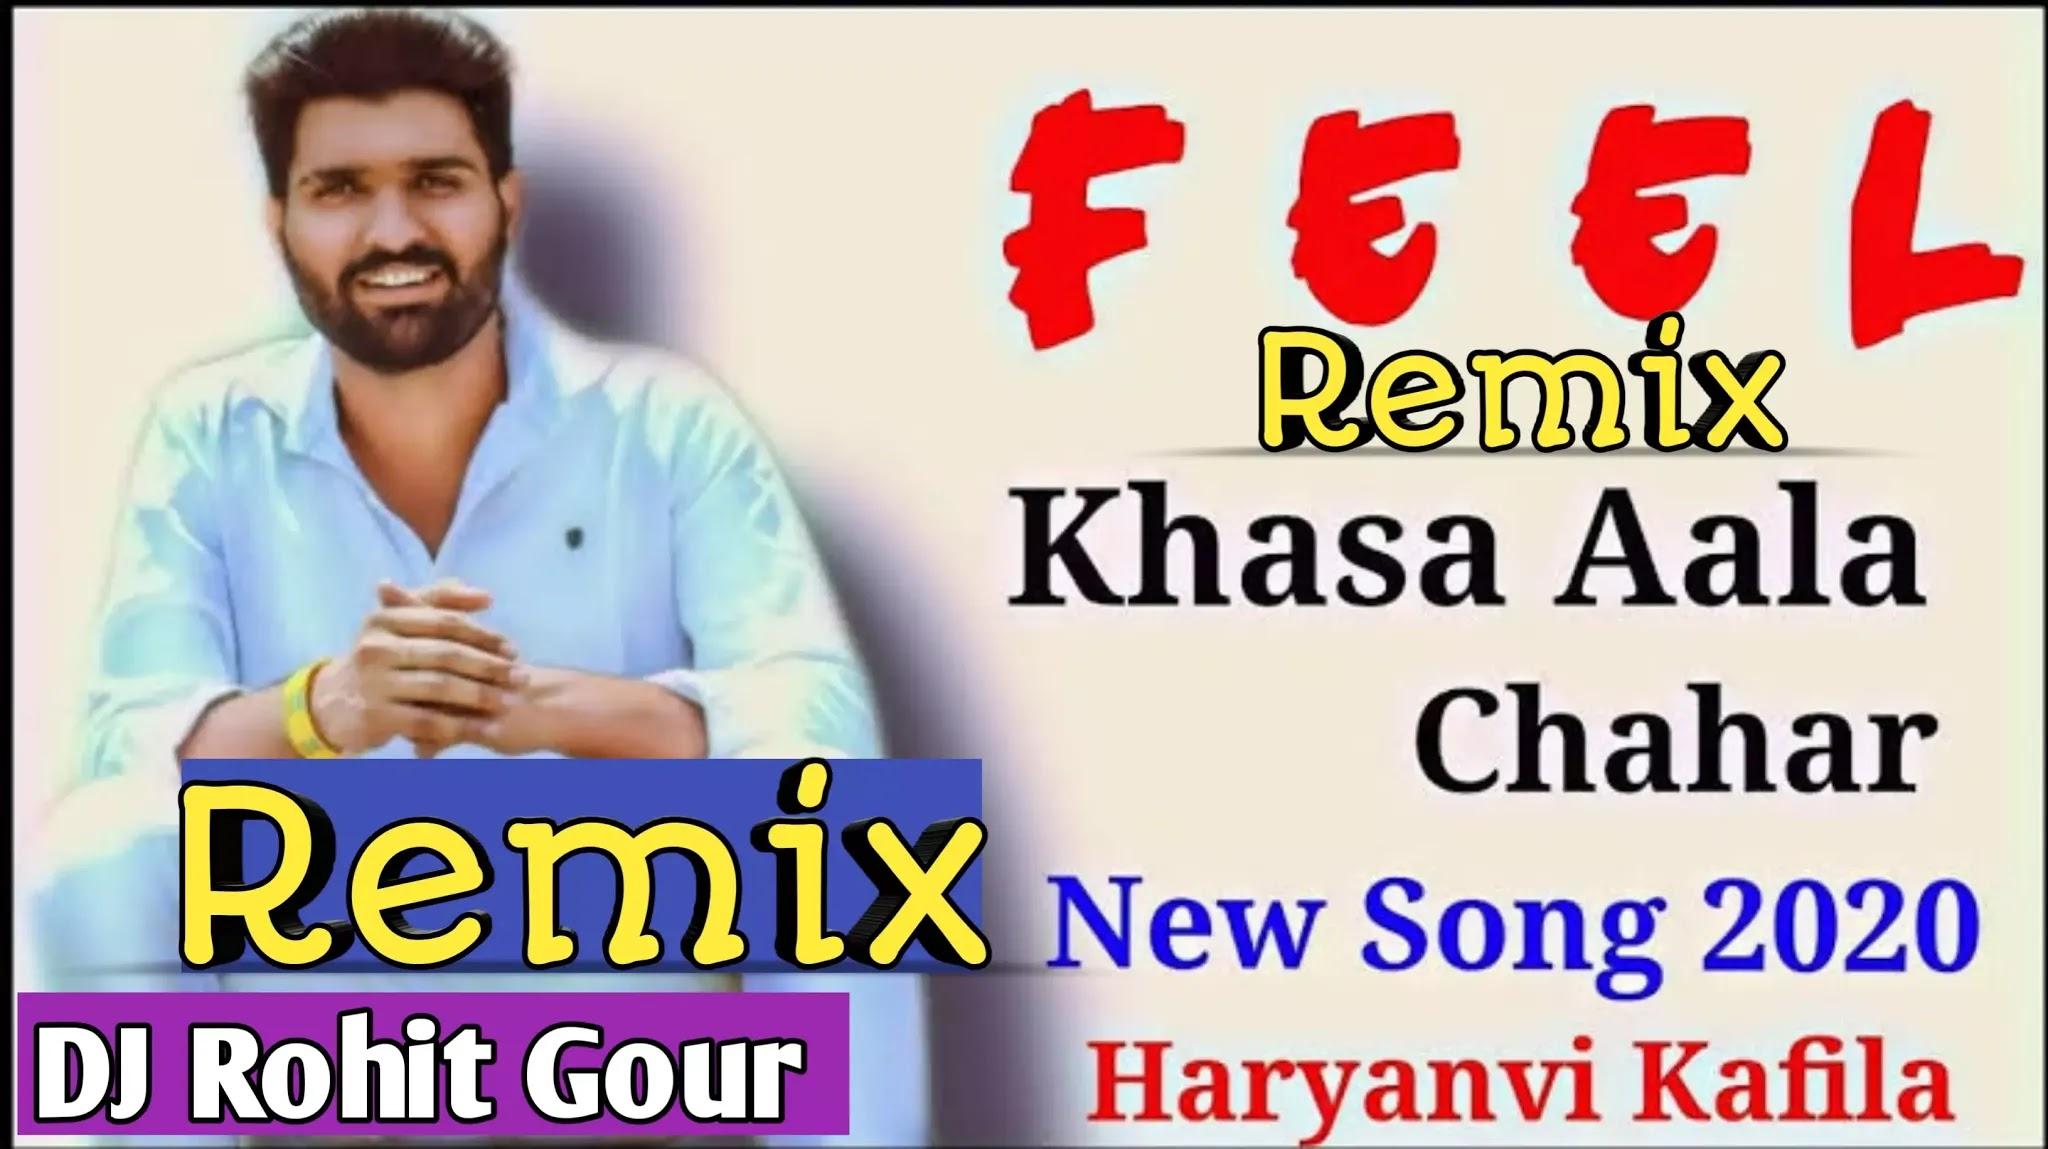 Feel Dj Remix Song | Khasa Aala Chahar | Latest Song 2020